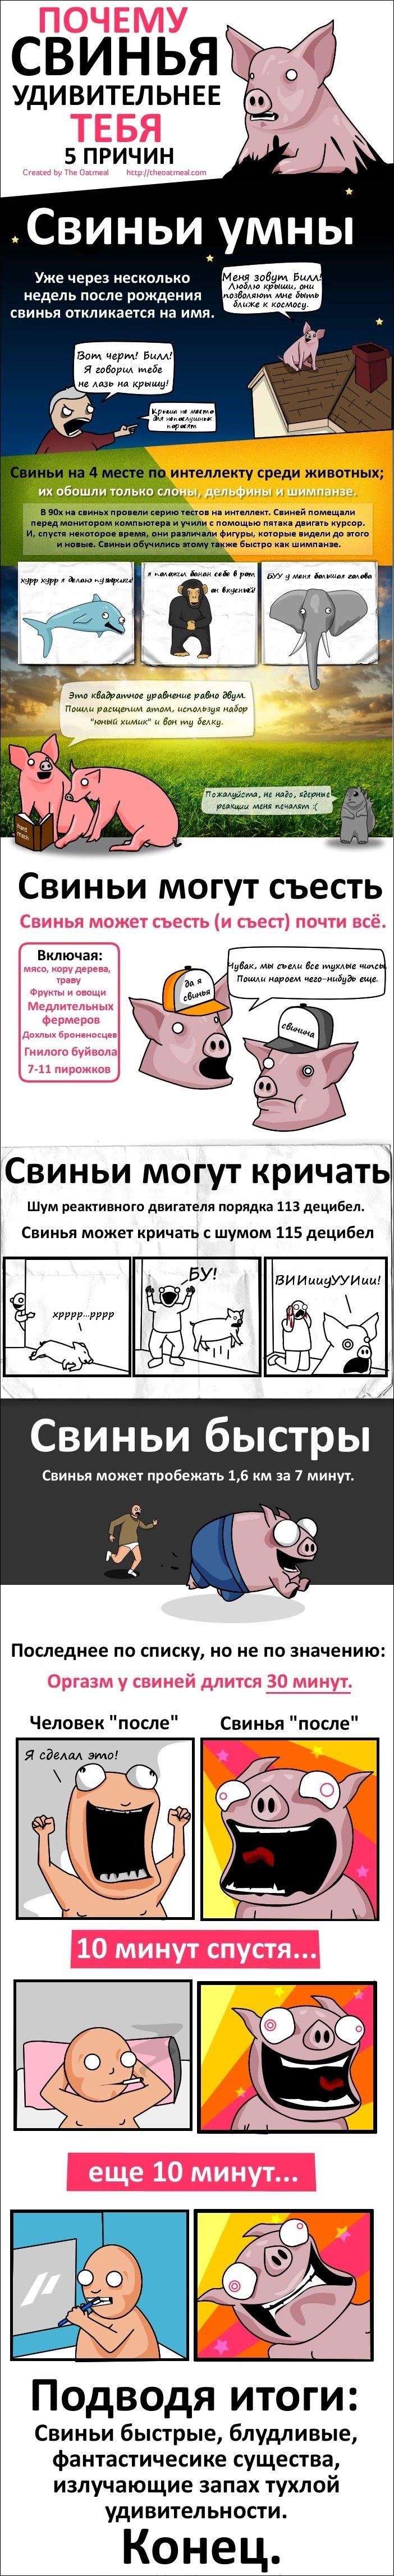 Удивительные свиньи